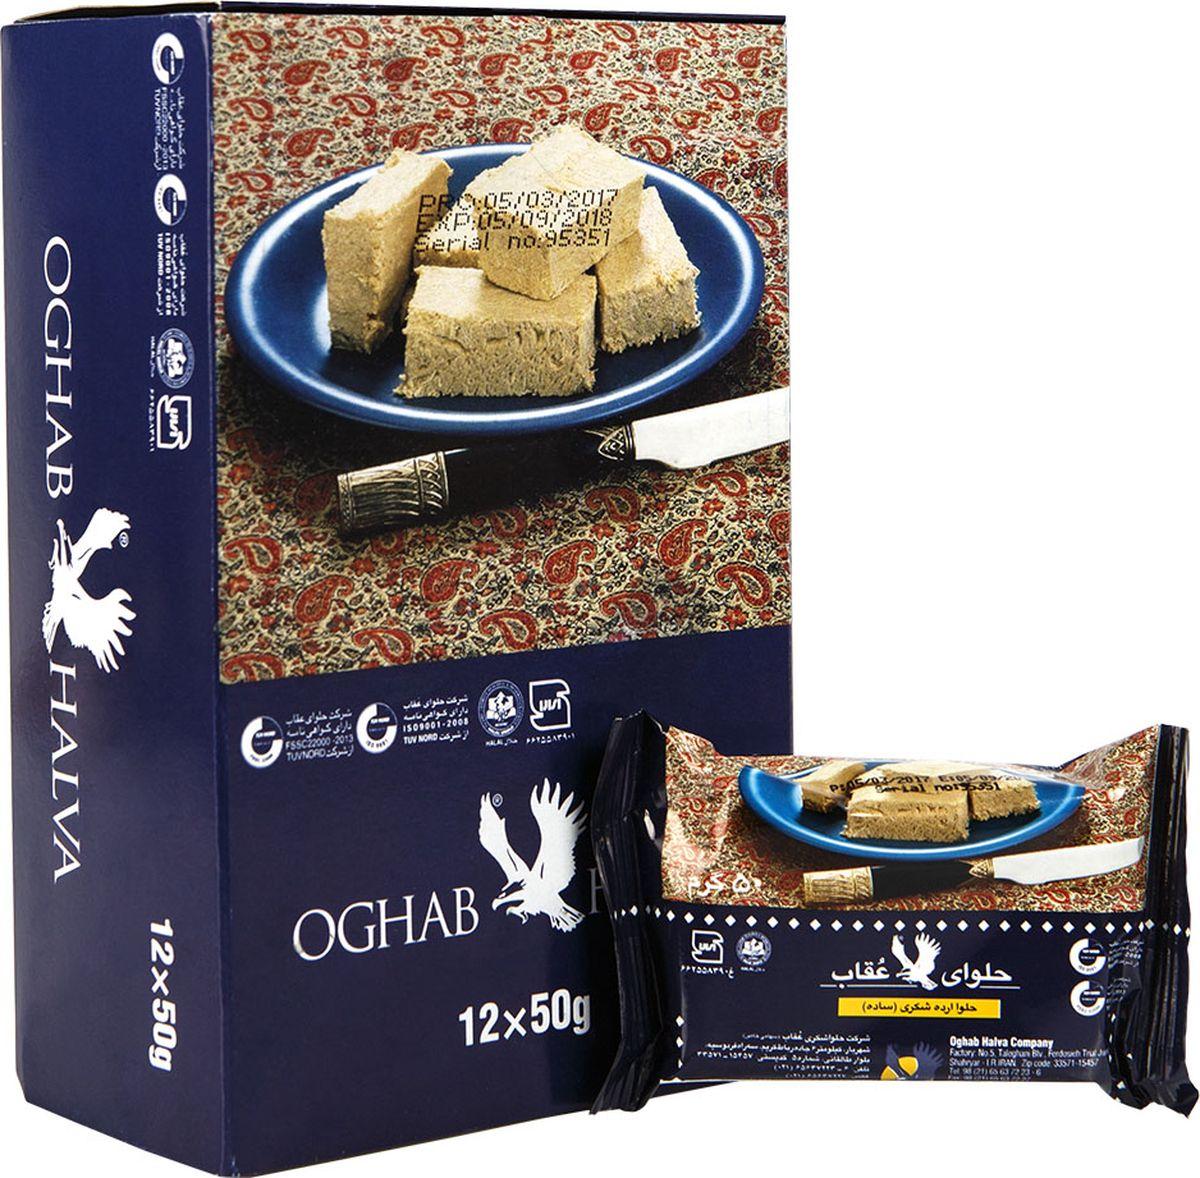 Oghab халва кунжутная, 50 г смаковина халва кунжутная на фруктозе 250 г